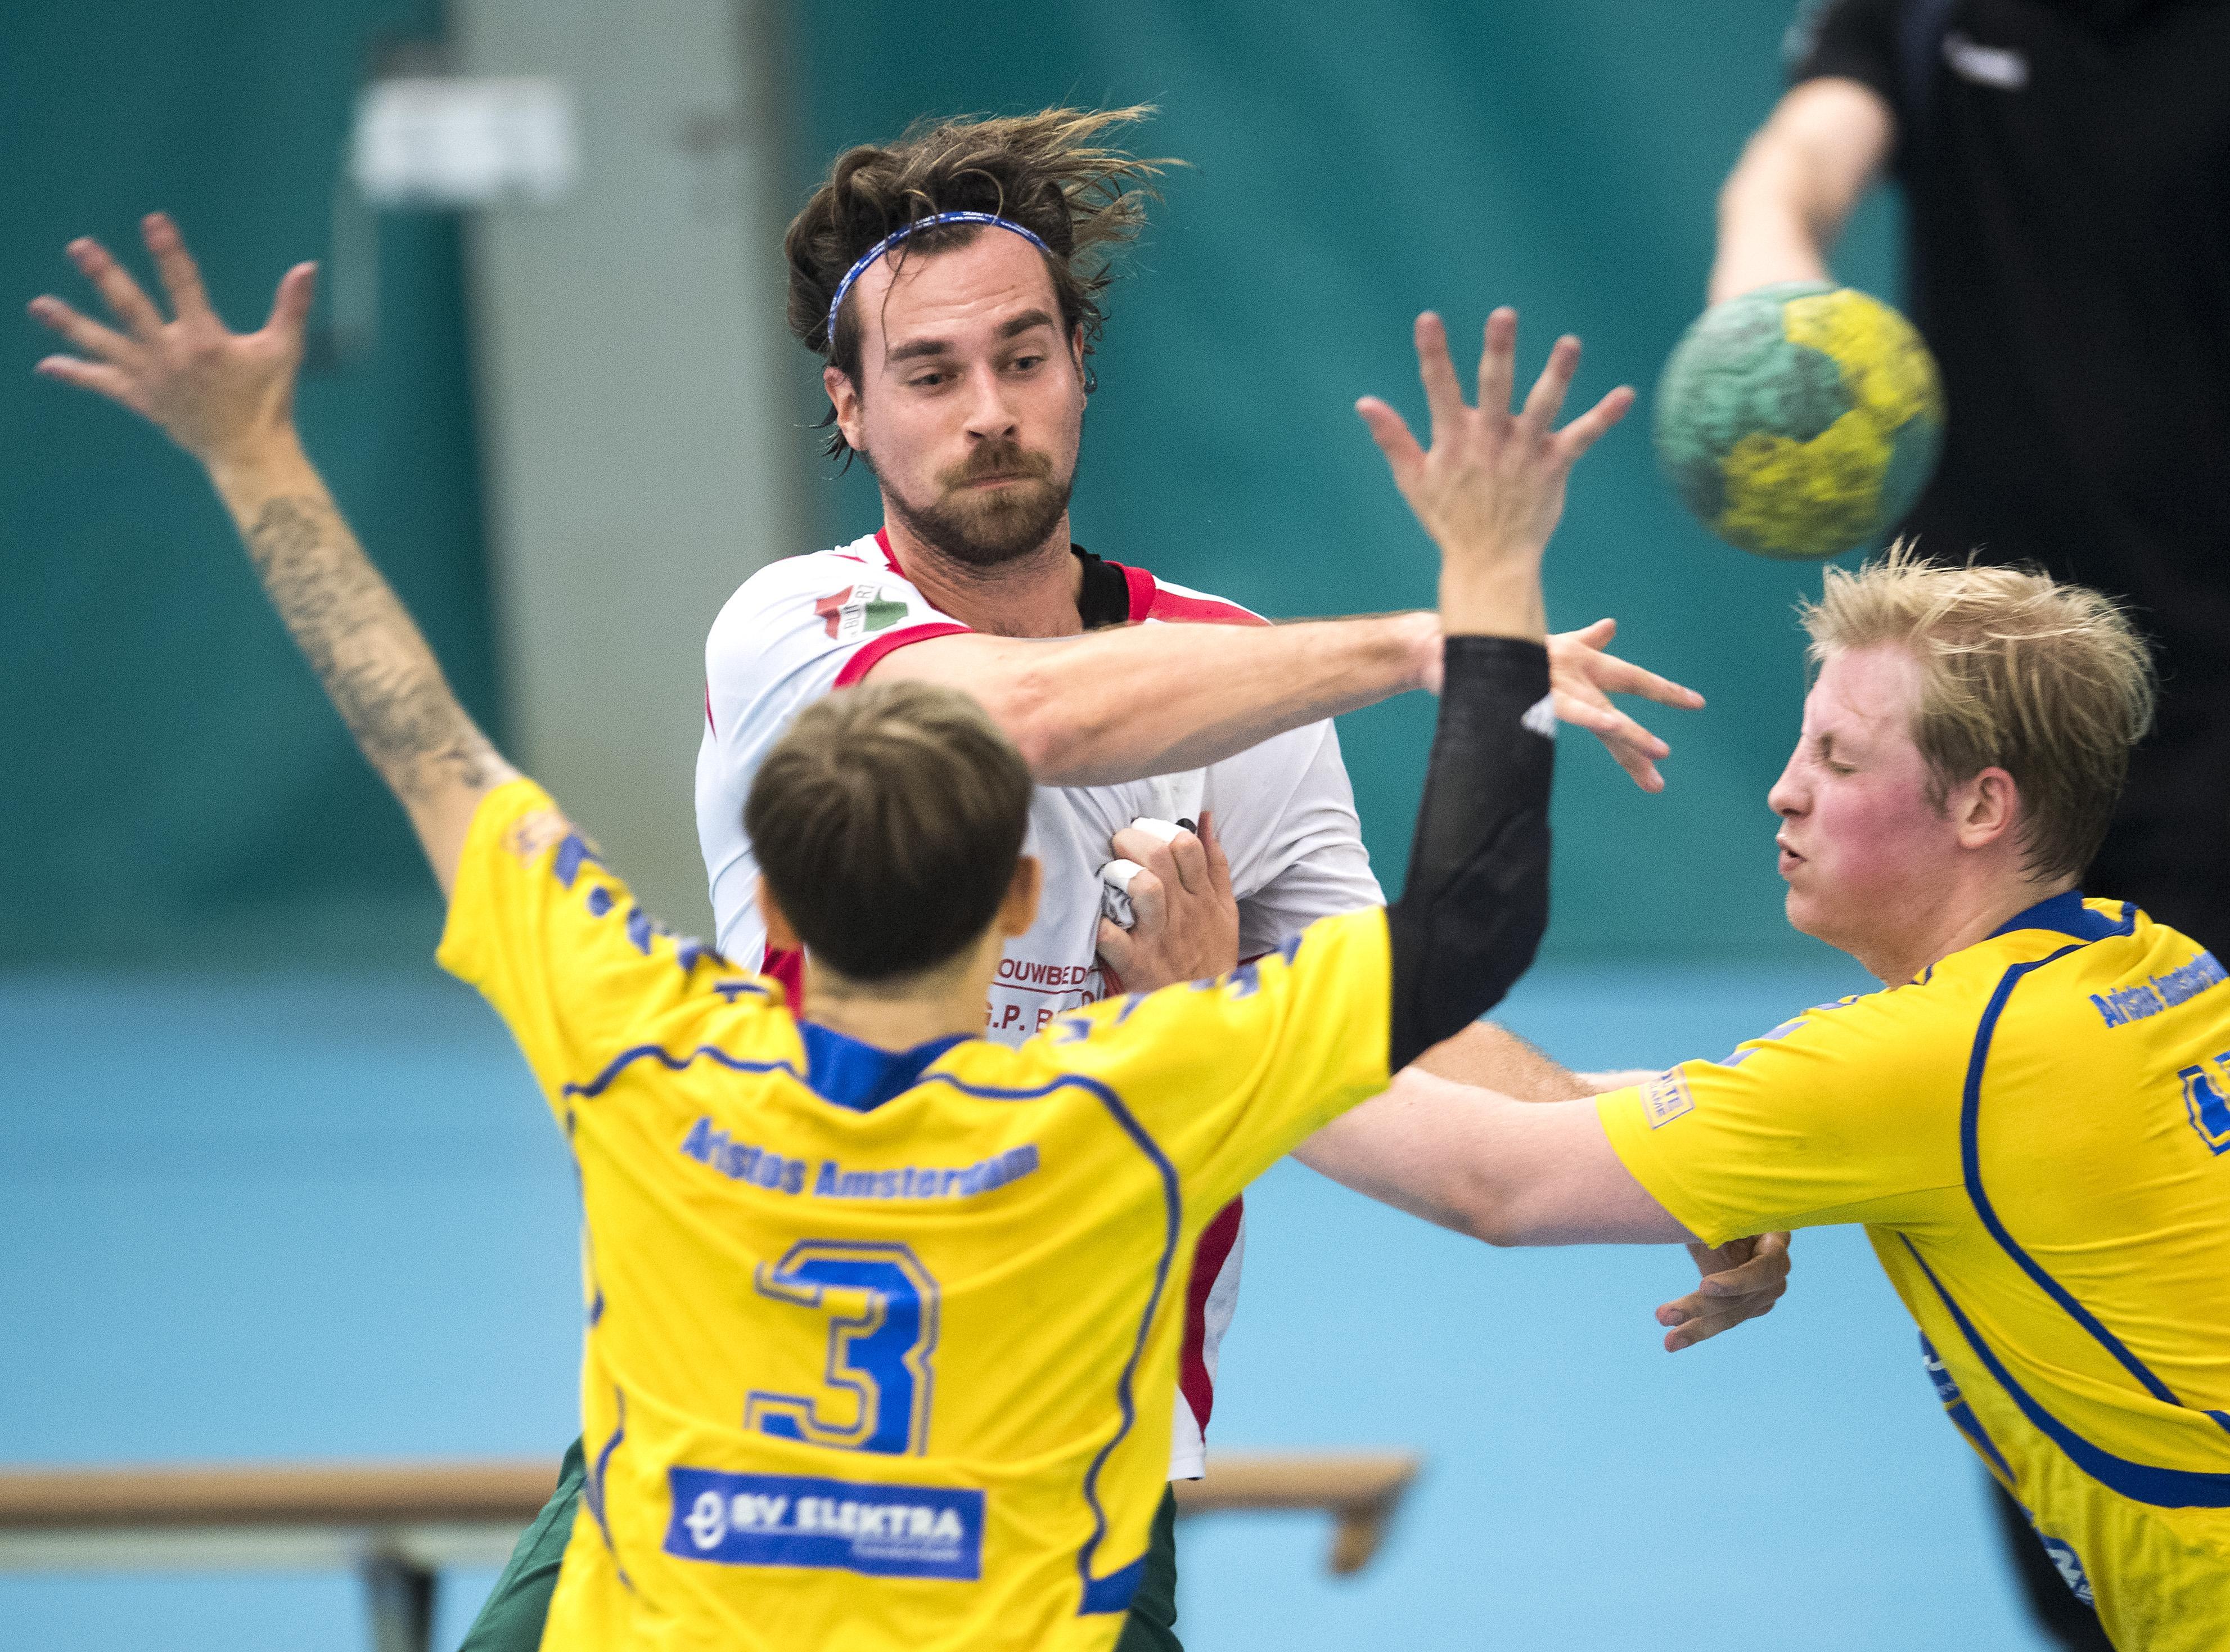 Handballers De Blinkert goed op dreef